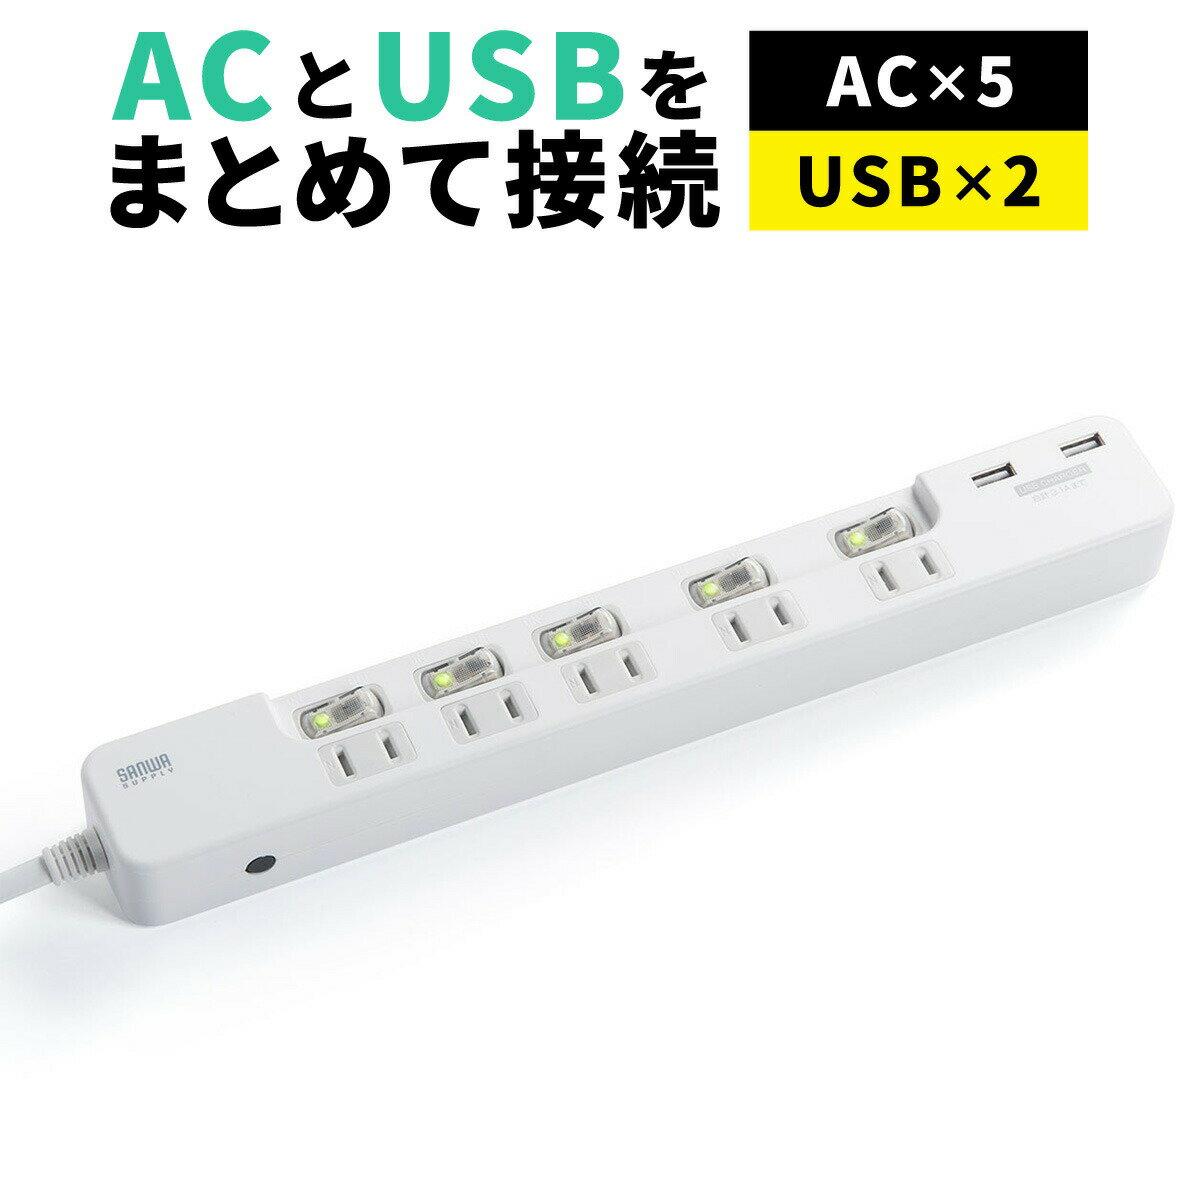 電源タップ USB 個別スイッチ 2m 2P 5個口 USBタップ 延長コード 電源コード 節電 スイングプラグ ホワイト シンプル コンセント スマホ コンセントタップ タコ足